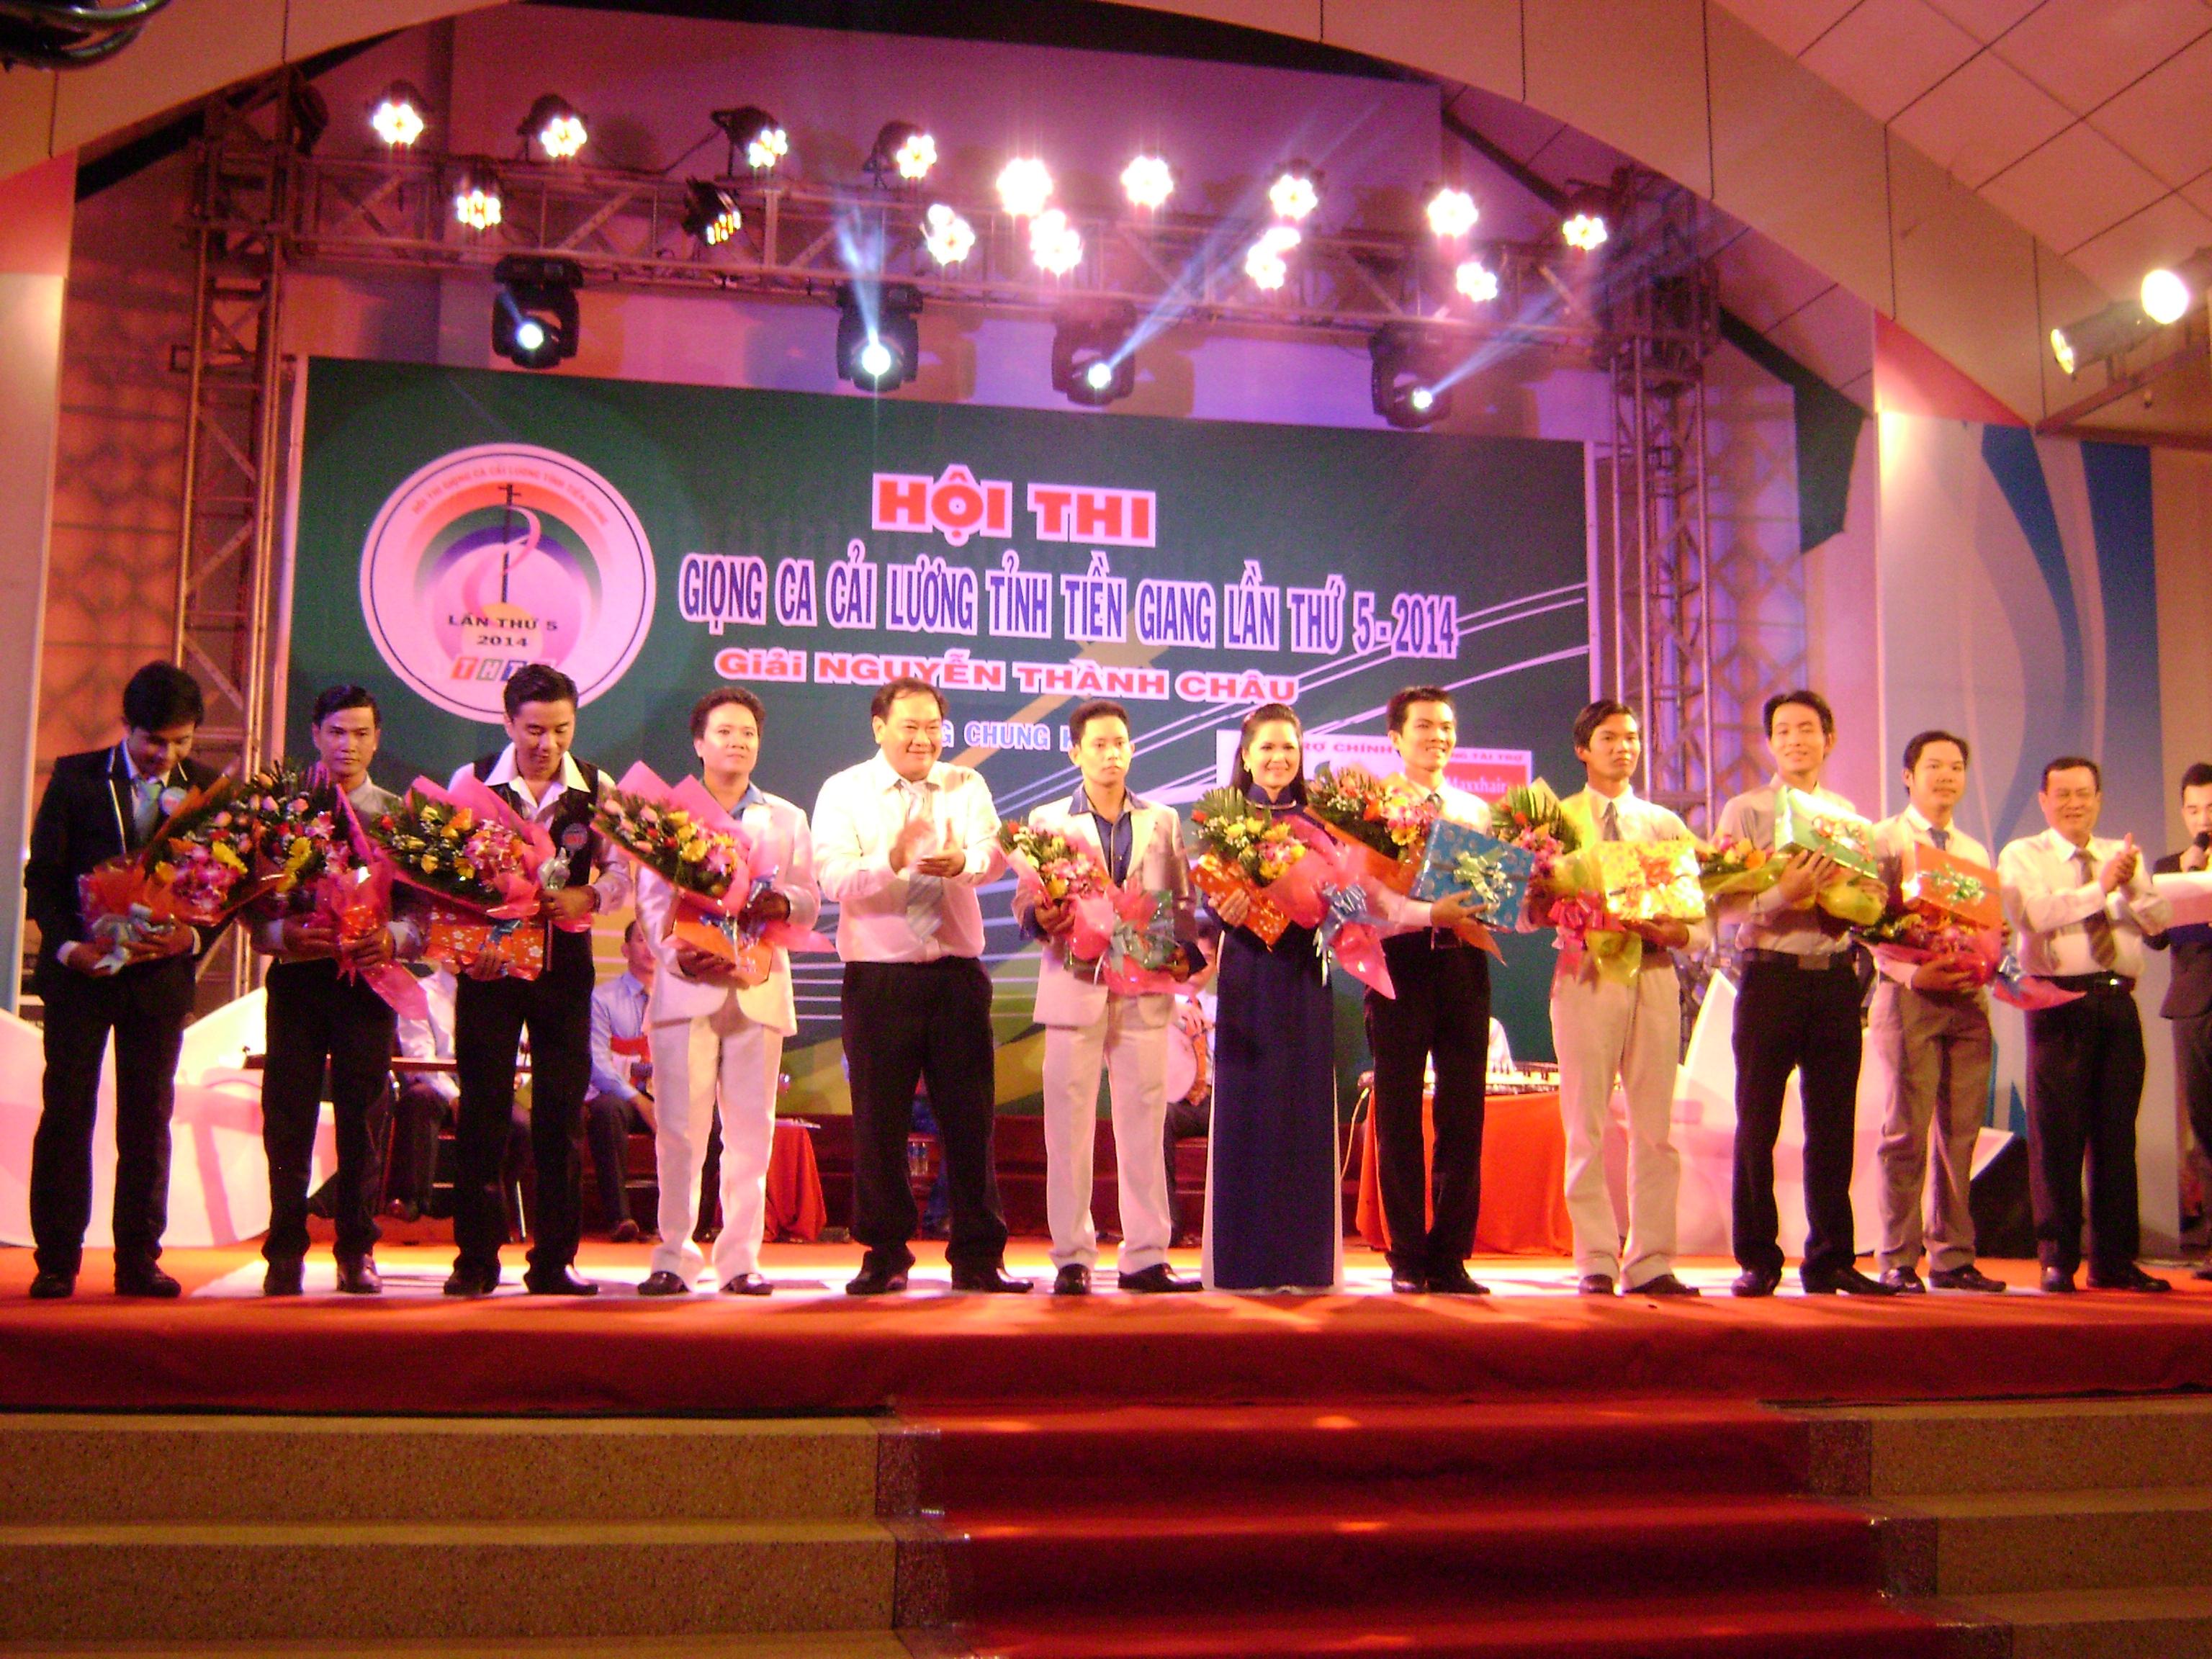 Khai  mạc vòng chung  kết  Hội  thi Giọng ca cải lương tỉnh Tiền Giang lần thứ V-2014, giải  Nguyễn Thành Châu.